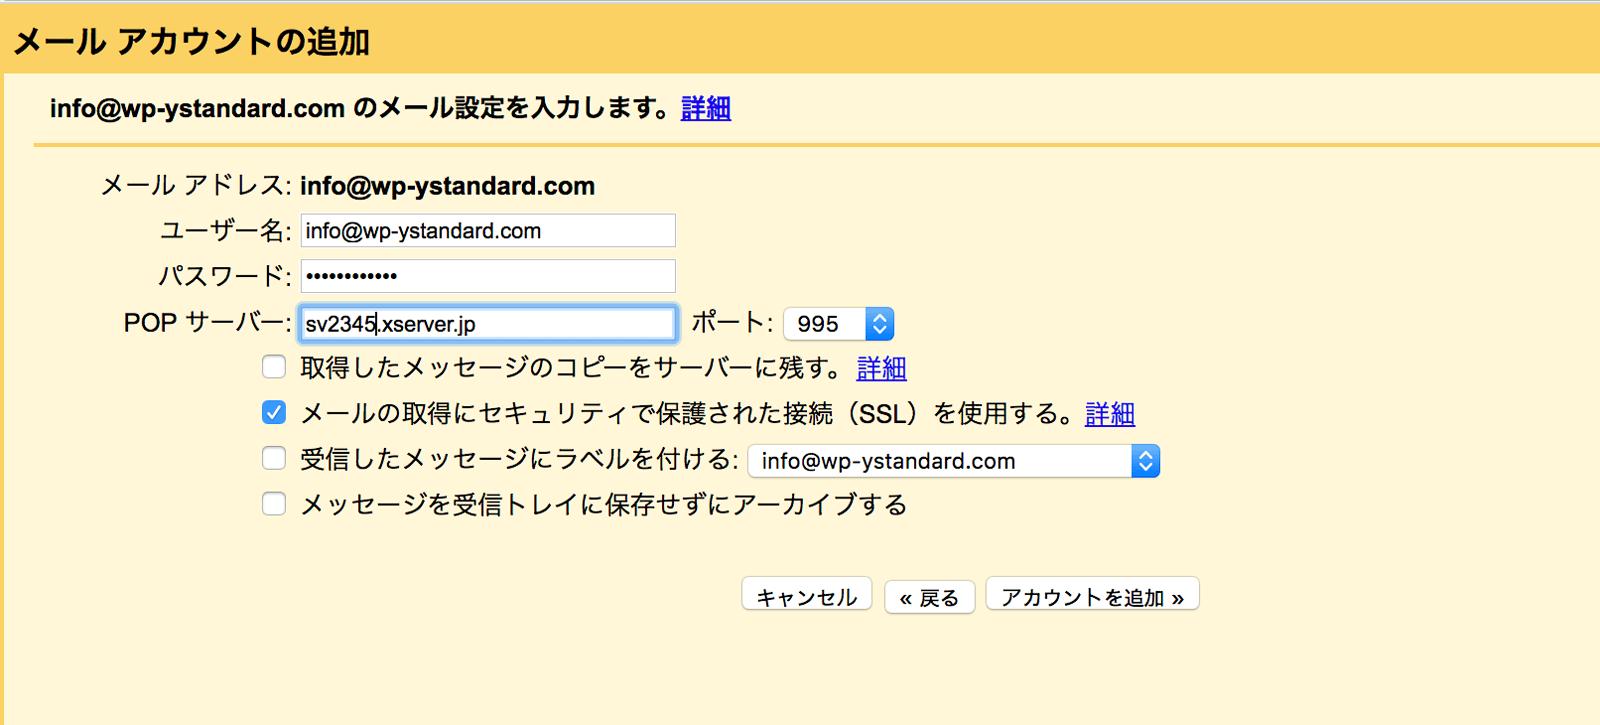 POPサーバーやメールアカウントのパスワードなどを入力する